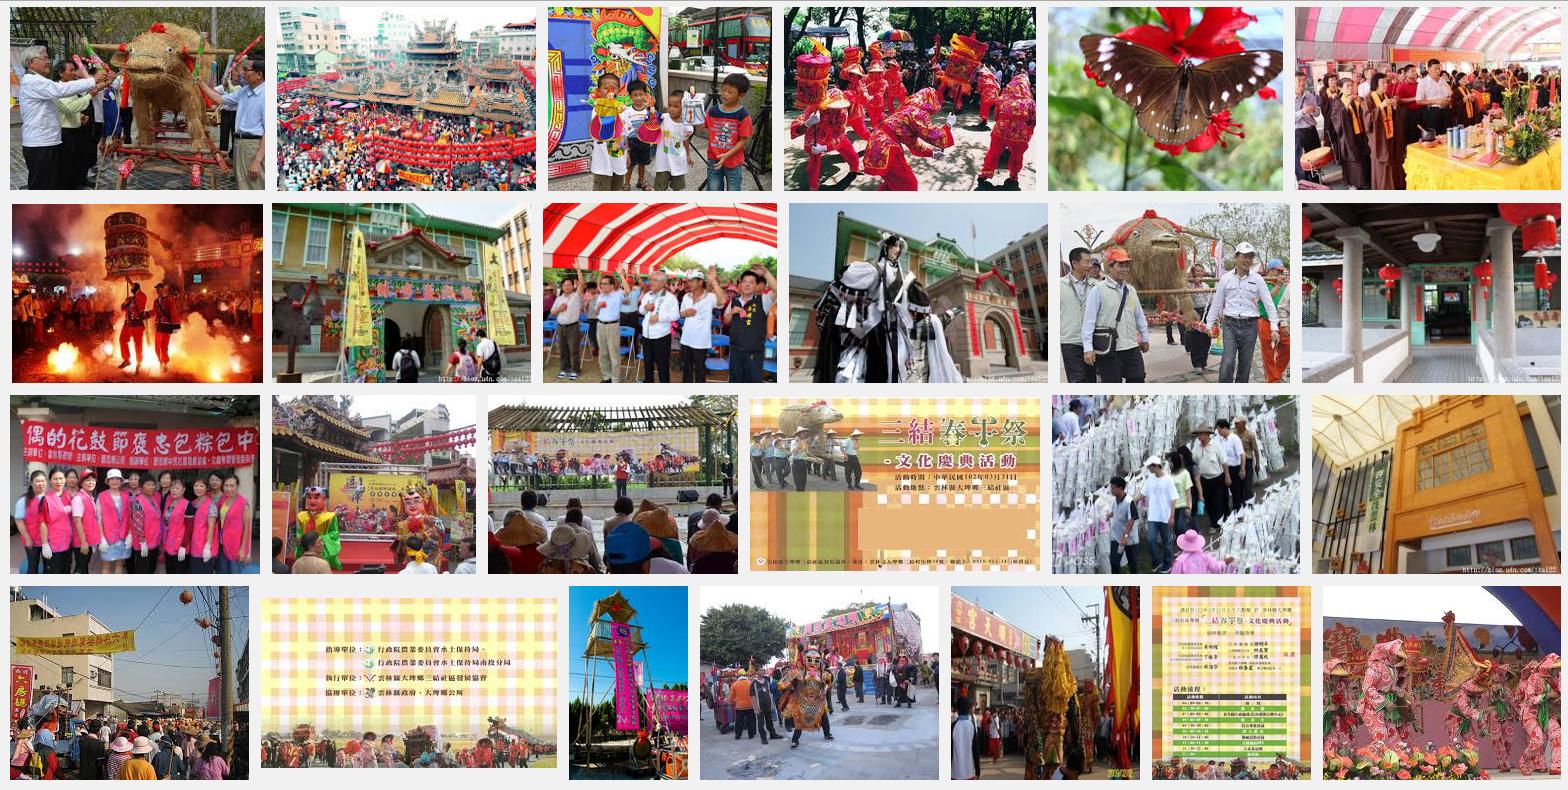 雲林縣全年節慶活動 整理年度活動一覽表